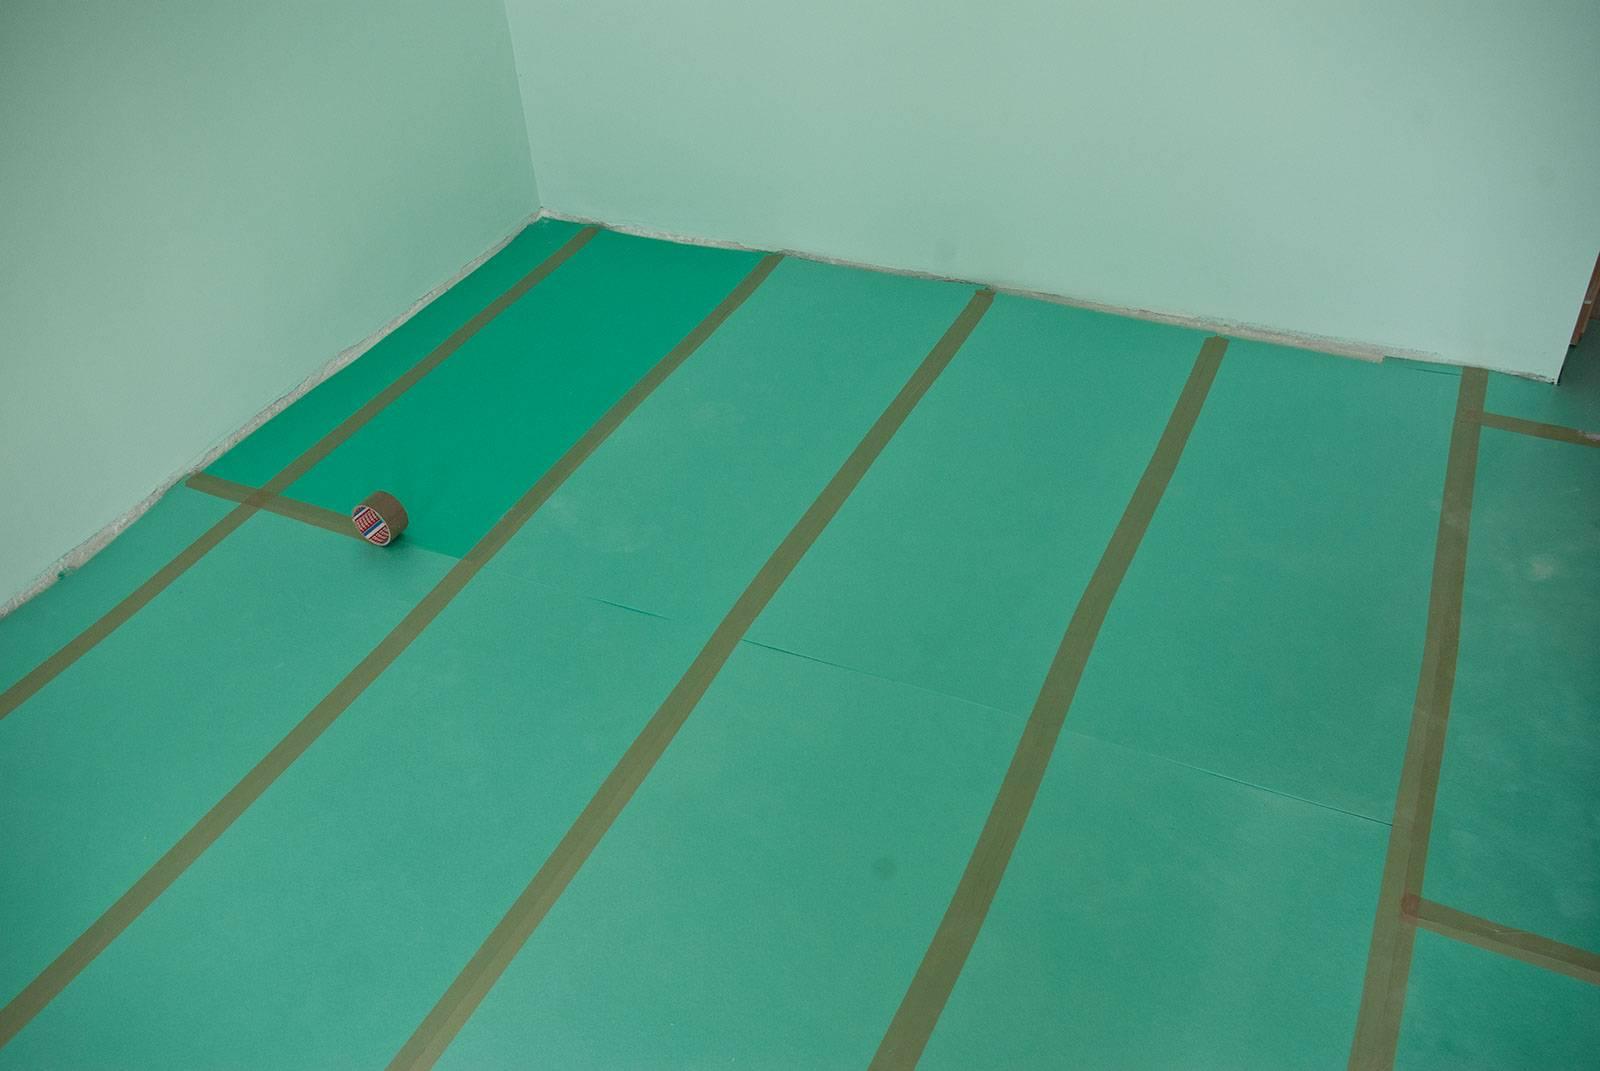 Укладка ламината на бетонный пол с подложкой: технология (+видео)